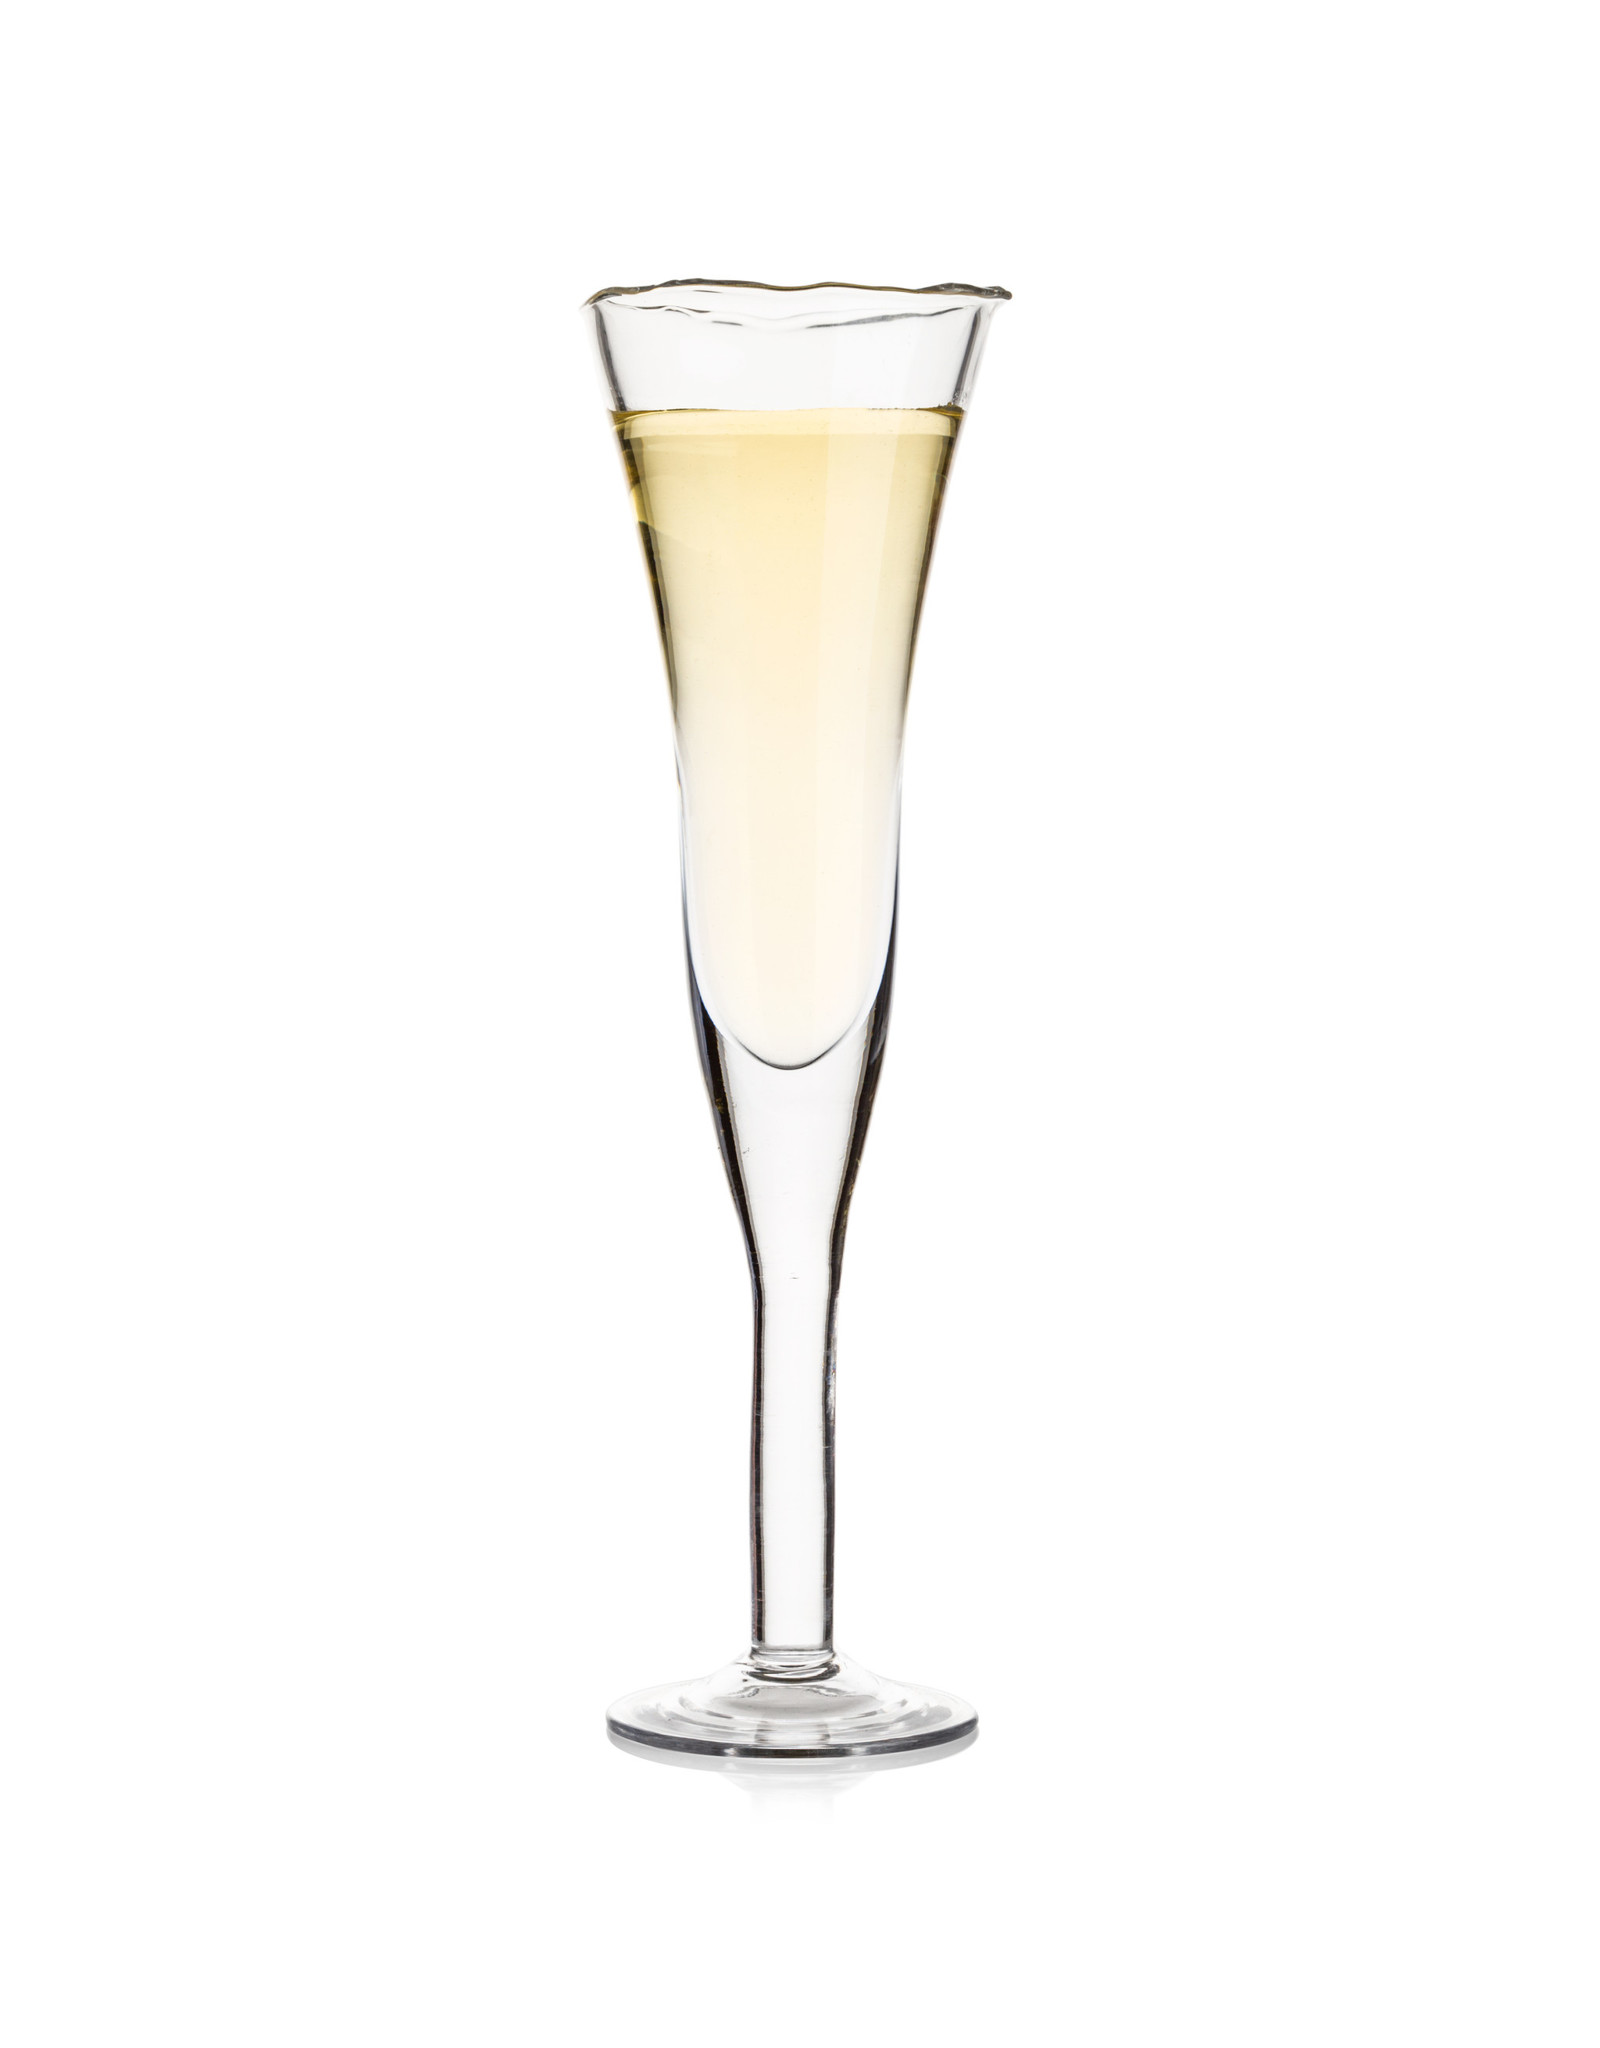 Sempre SEMPRE - Champagne glass flute